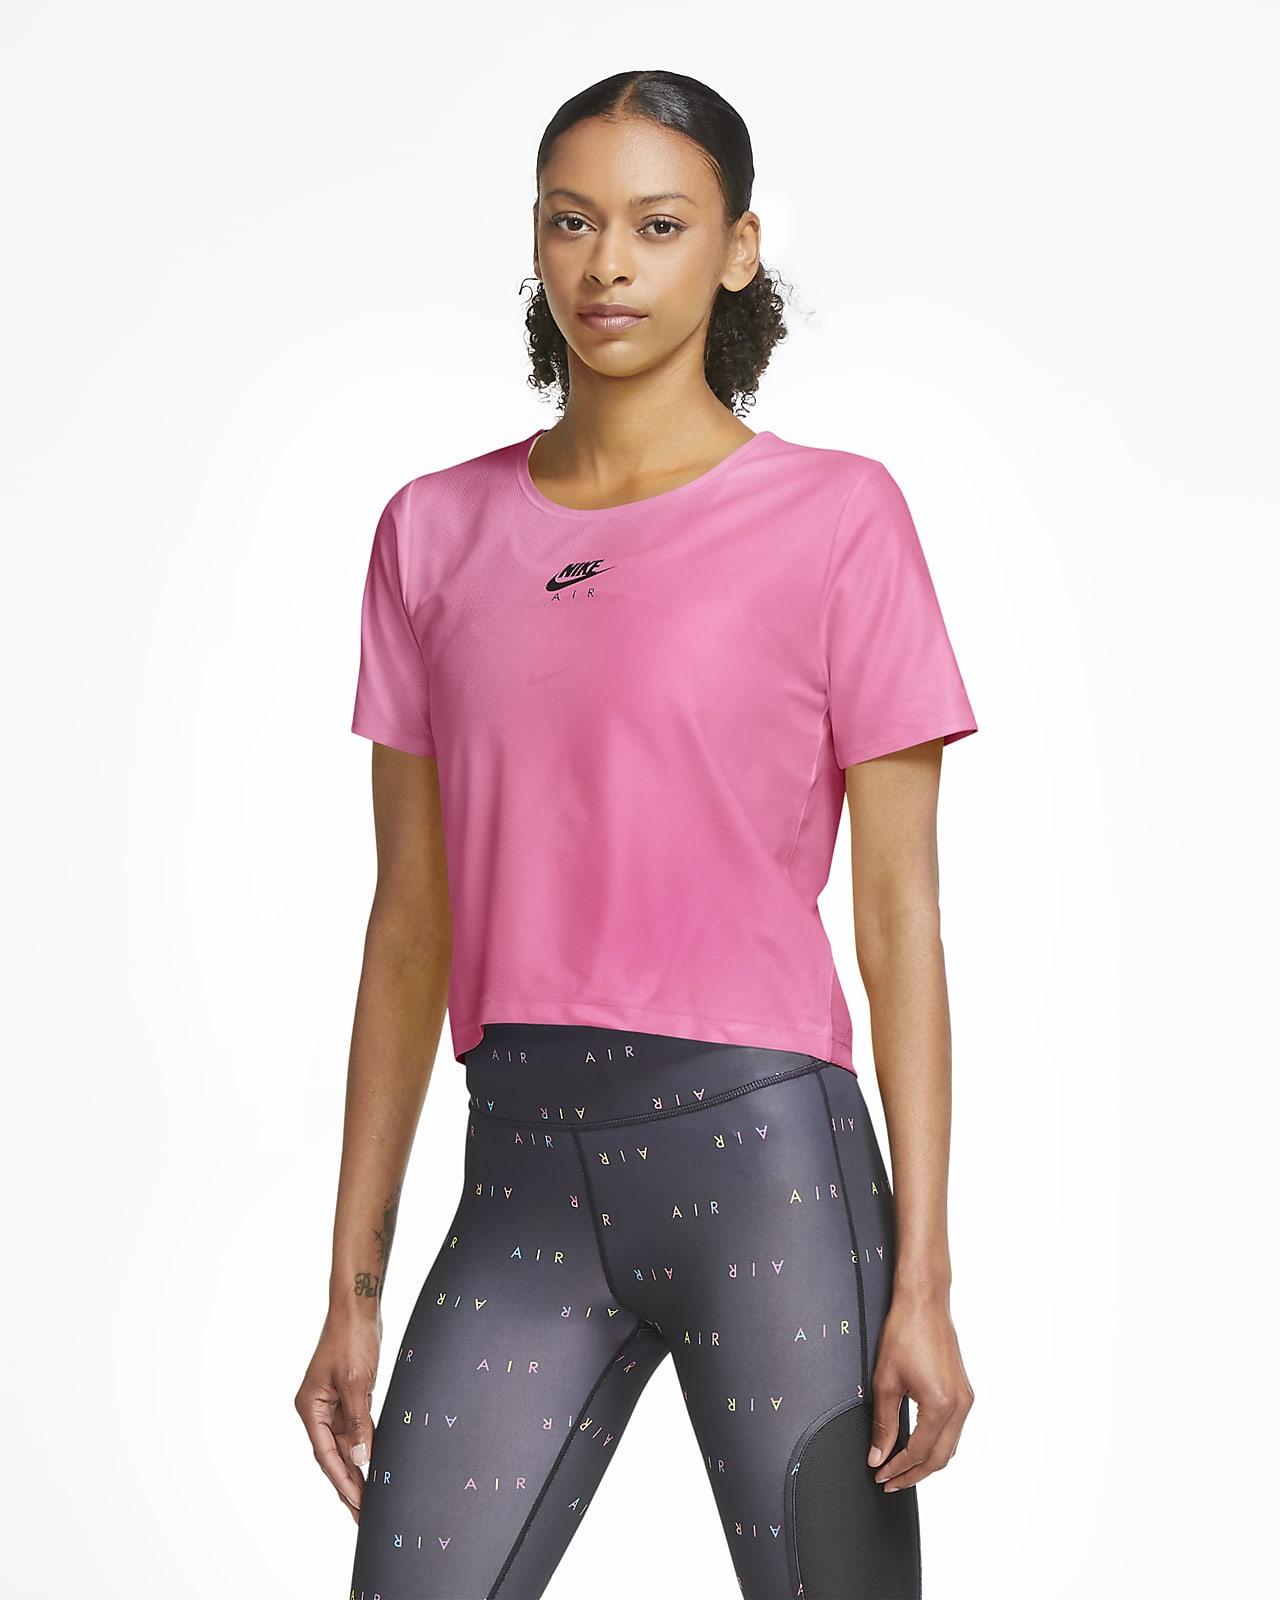 Nike Air Women's Short-Sleeve Running Top